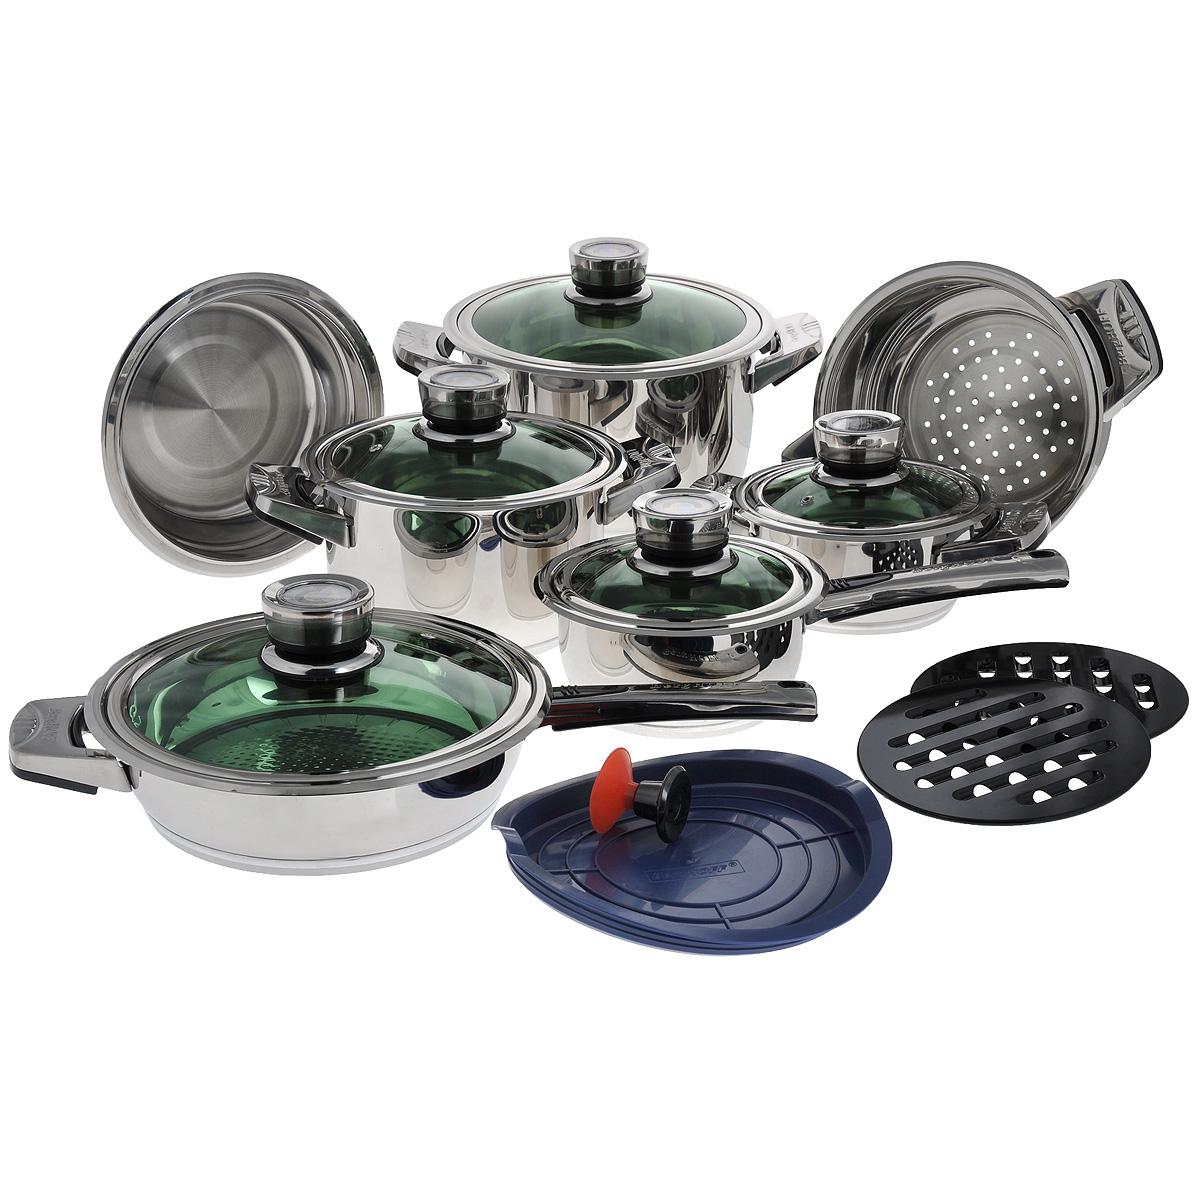 Набор посуды BergHOFF Mythe, цвет: металлик, 16 предметов1117010Набор посуды BergHOFF Mythe состоит из ковша с крышкой, 3 кастрюль с крышками, сковороды с крышкой, пароварки, миски с крышкой, кнопки-присоски, 2 подставок под горячее. Предметы набора изготовлены из высококачественной нержавеющей стали 18/10, которая обладает бактериостатическими свойствами. Сталь 18/10 - один из наиболее тонких и сбалансированных сплавов, используемых во всем мире, который гарантирует высокую химическую нейтральность к пище. Зеркальная полировка снаружи и внутри изделий обеспечивает превосходные антикоррозионные свойства материала (так как подобно пленке защищает внешнюю поверхность изделий и продлевает срок годности посуды), чистоту и гигиену (полное отсутствие в материале пор и микротрещин) и значительно облегчает ее чистку. Новое революционное термоаккумулирующее дно специальной конструкции с верхним открытым алюминиевым слоем и медным диском позволит теплу быстро и равномерно распределится по всей поверхности дна. Толщина...